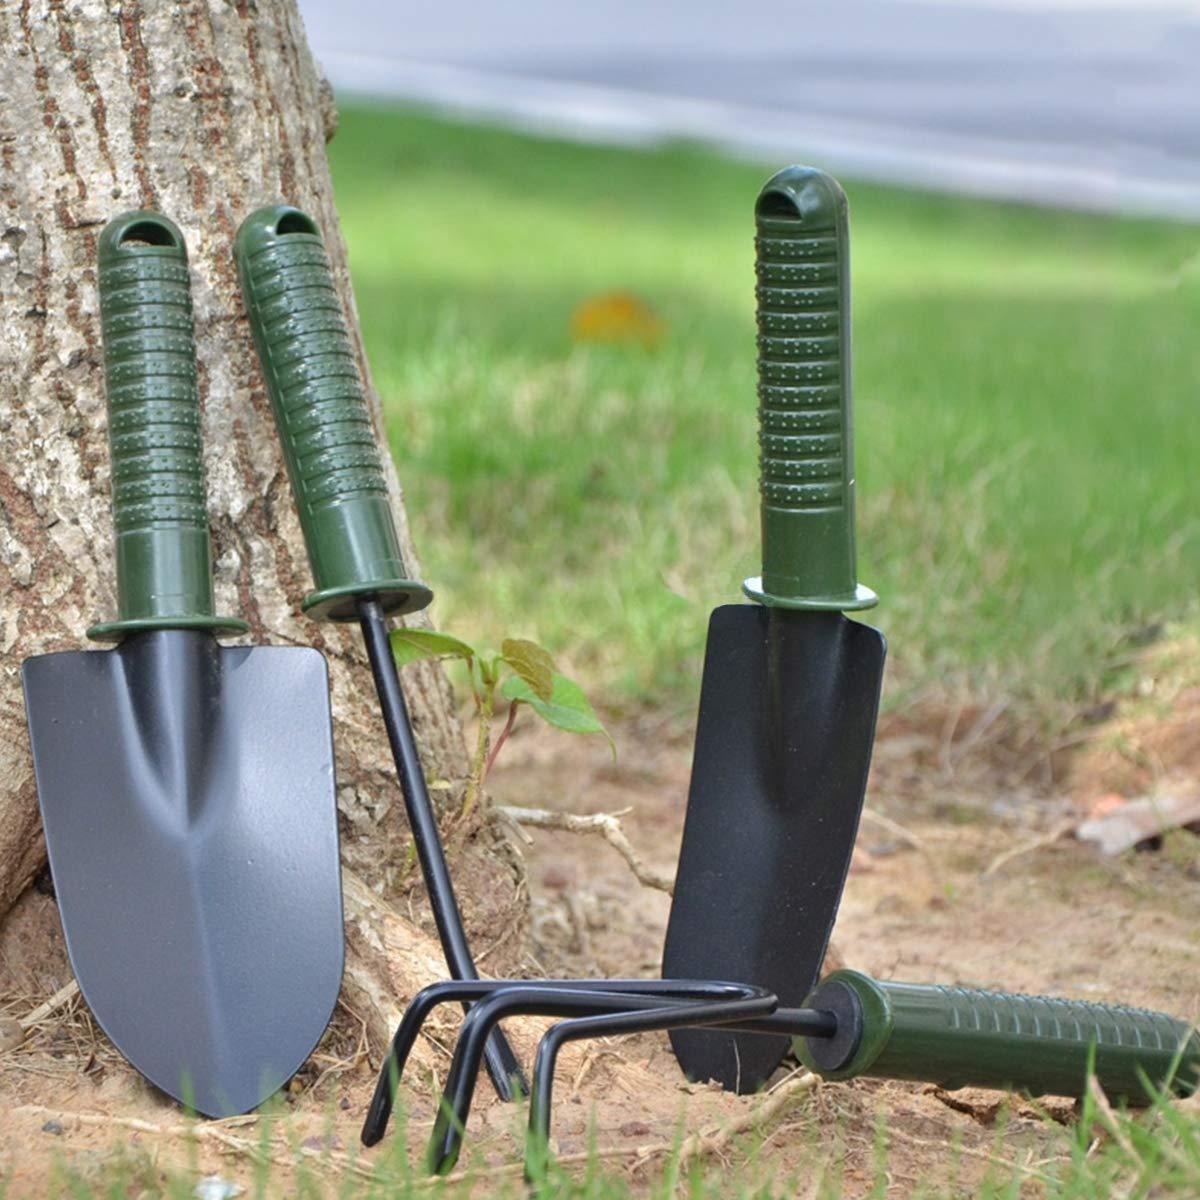 Natuce Juego de herramientas de jardiner/ía horquilla de maleza y m/áquina de desyerba que incluyen trasplante de hierba juego de 4 mini herramientas manuales para el cuidado de la siembra